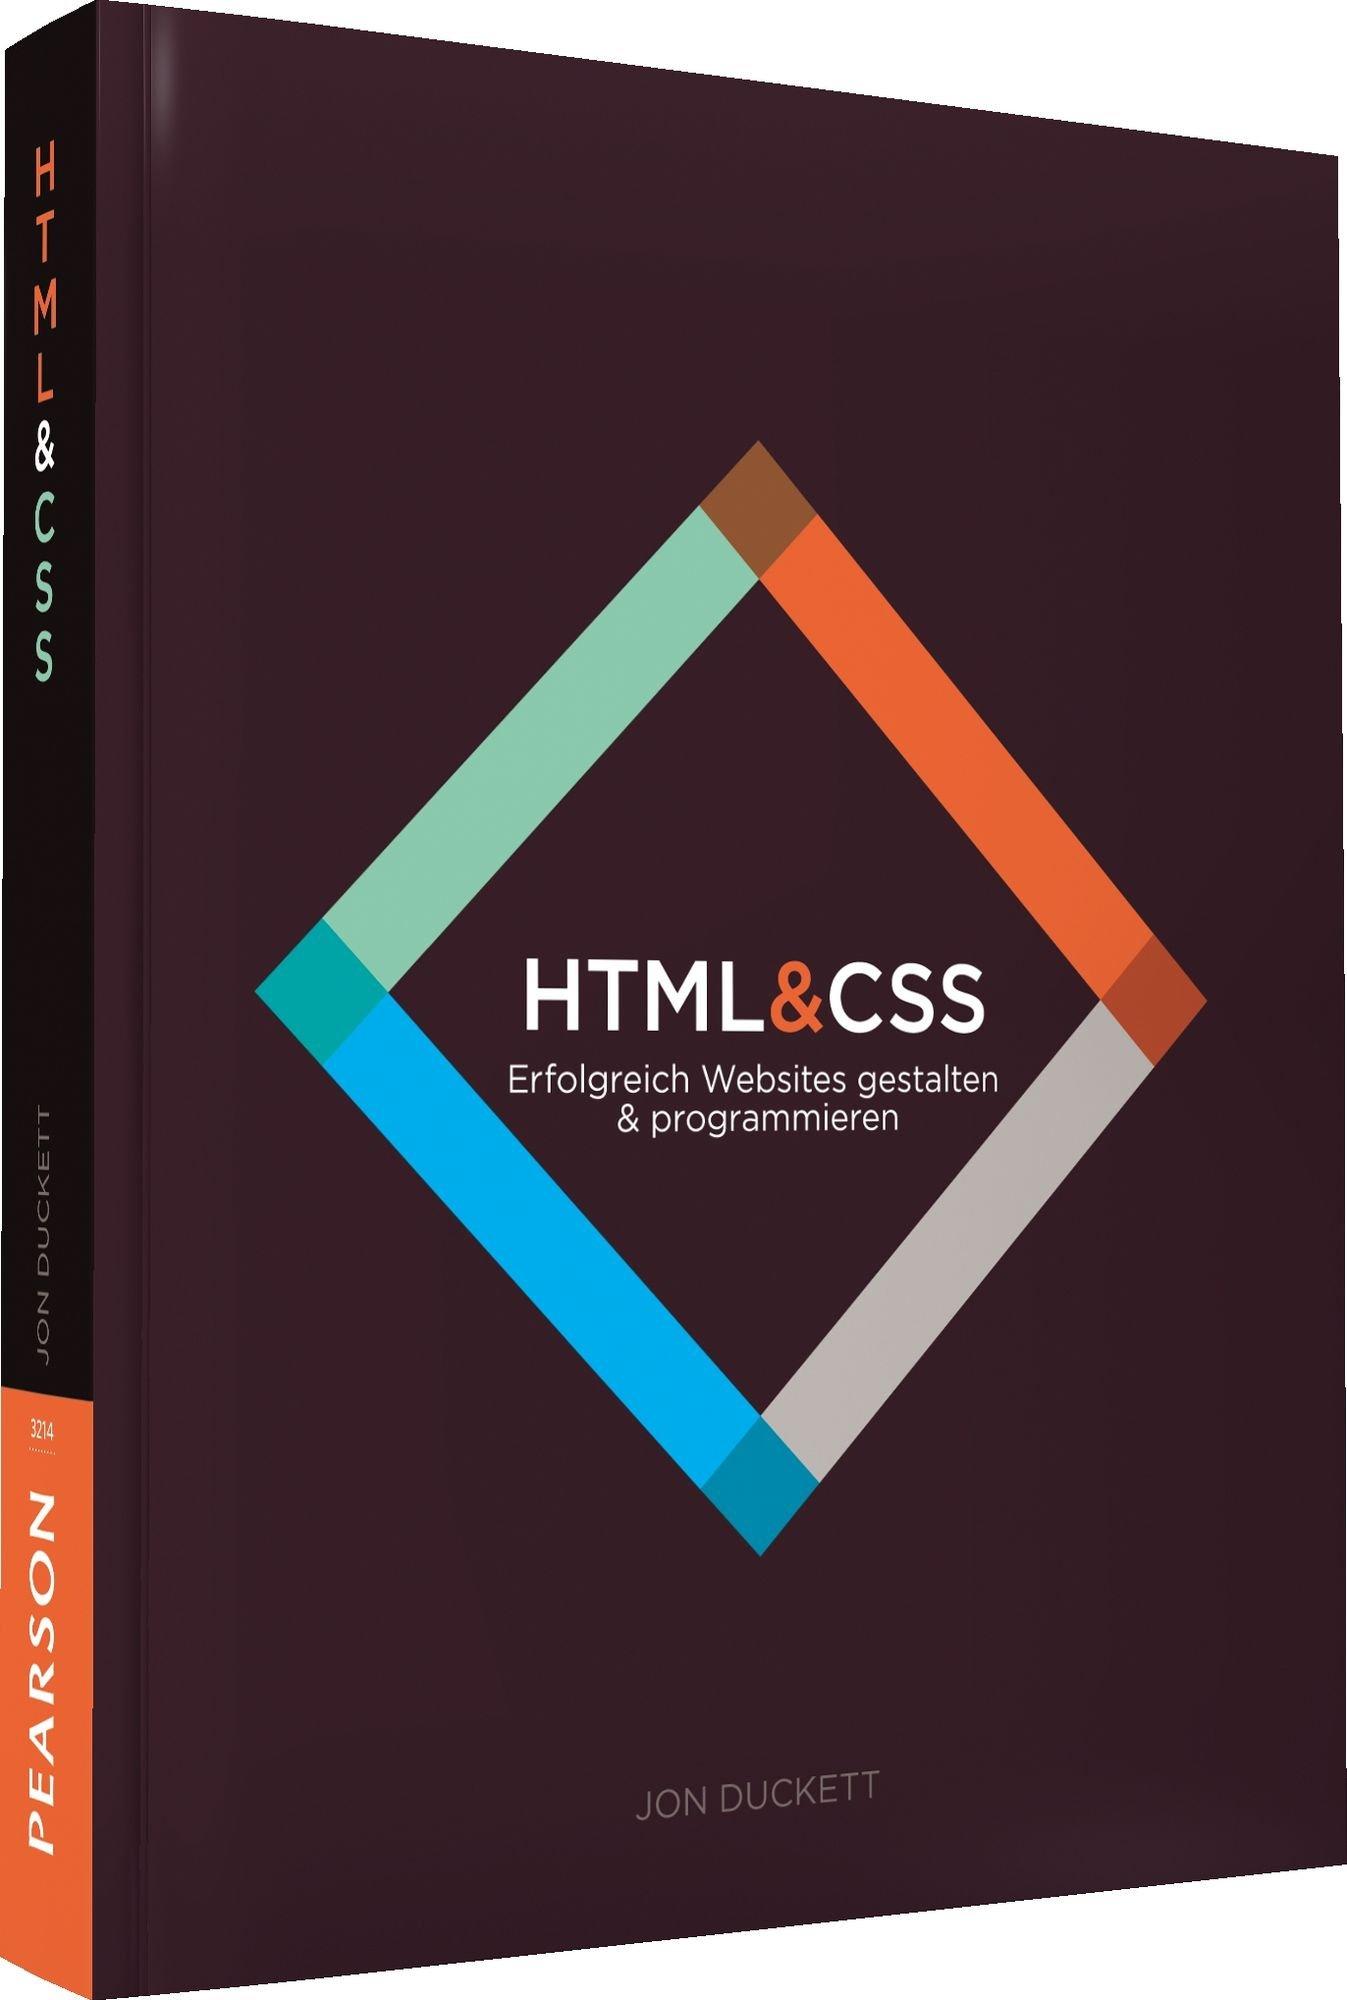 HTML & CSS - Erfolgreich Websites gestalten & programmieren (Pearson Design) Taschenbuch – 1. Dezember 2012 Jon Duckett Addison-Wesley Verlag 3827332141 Cascading Style Sheets - CSS